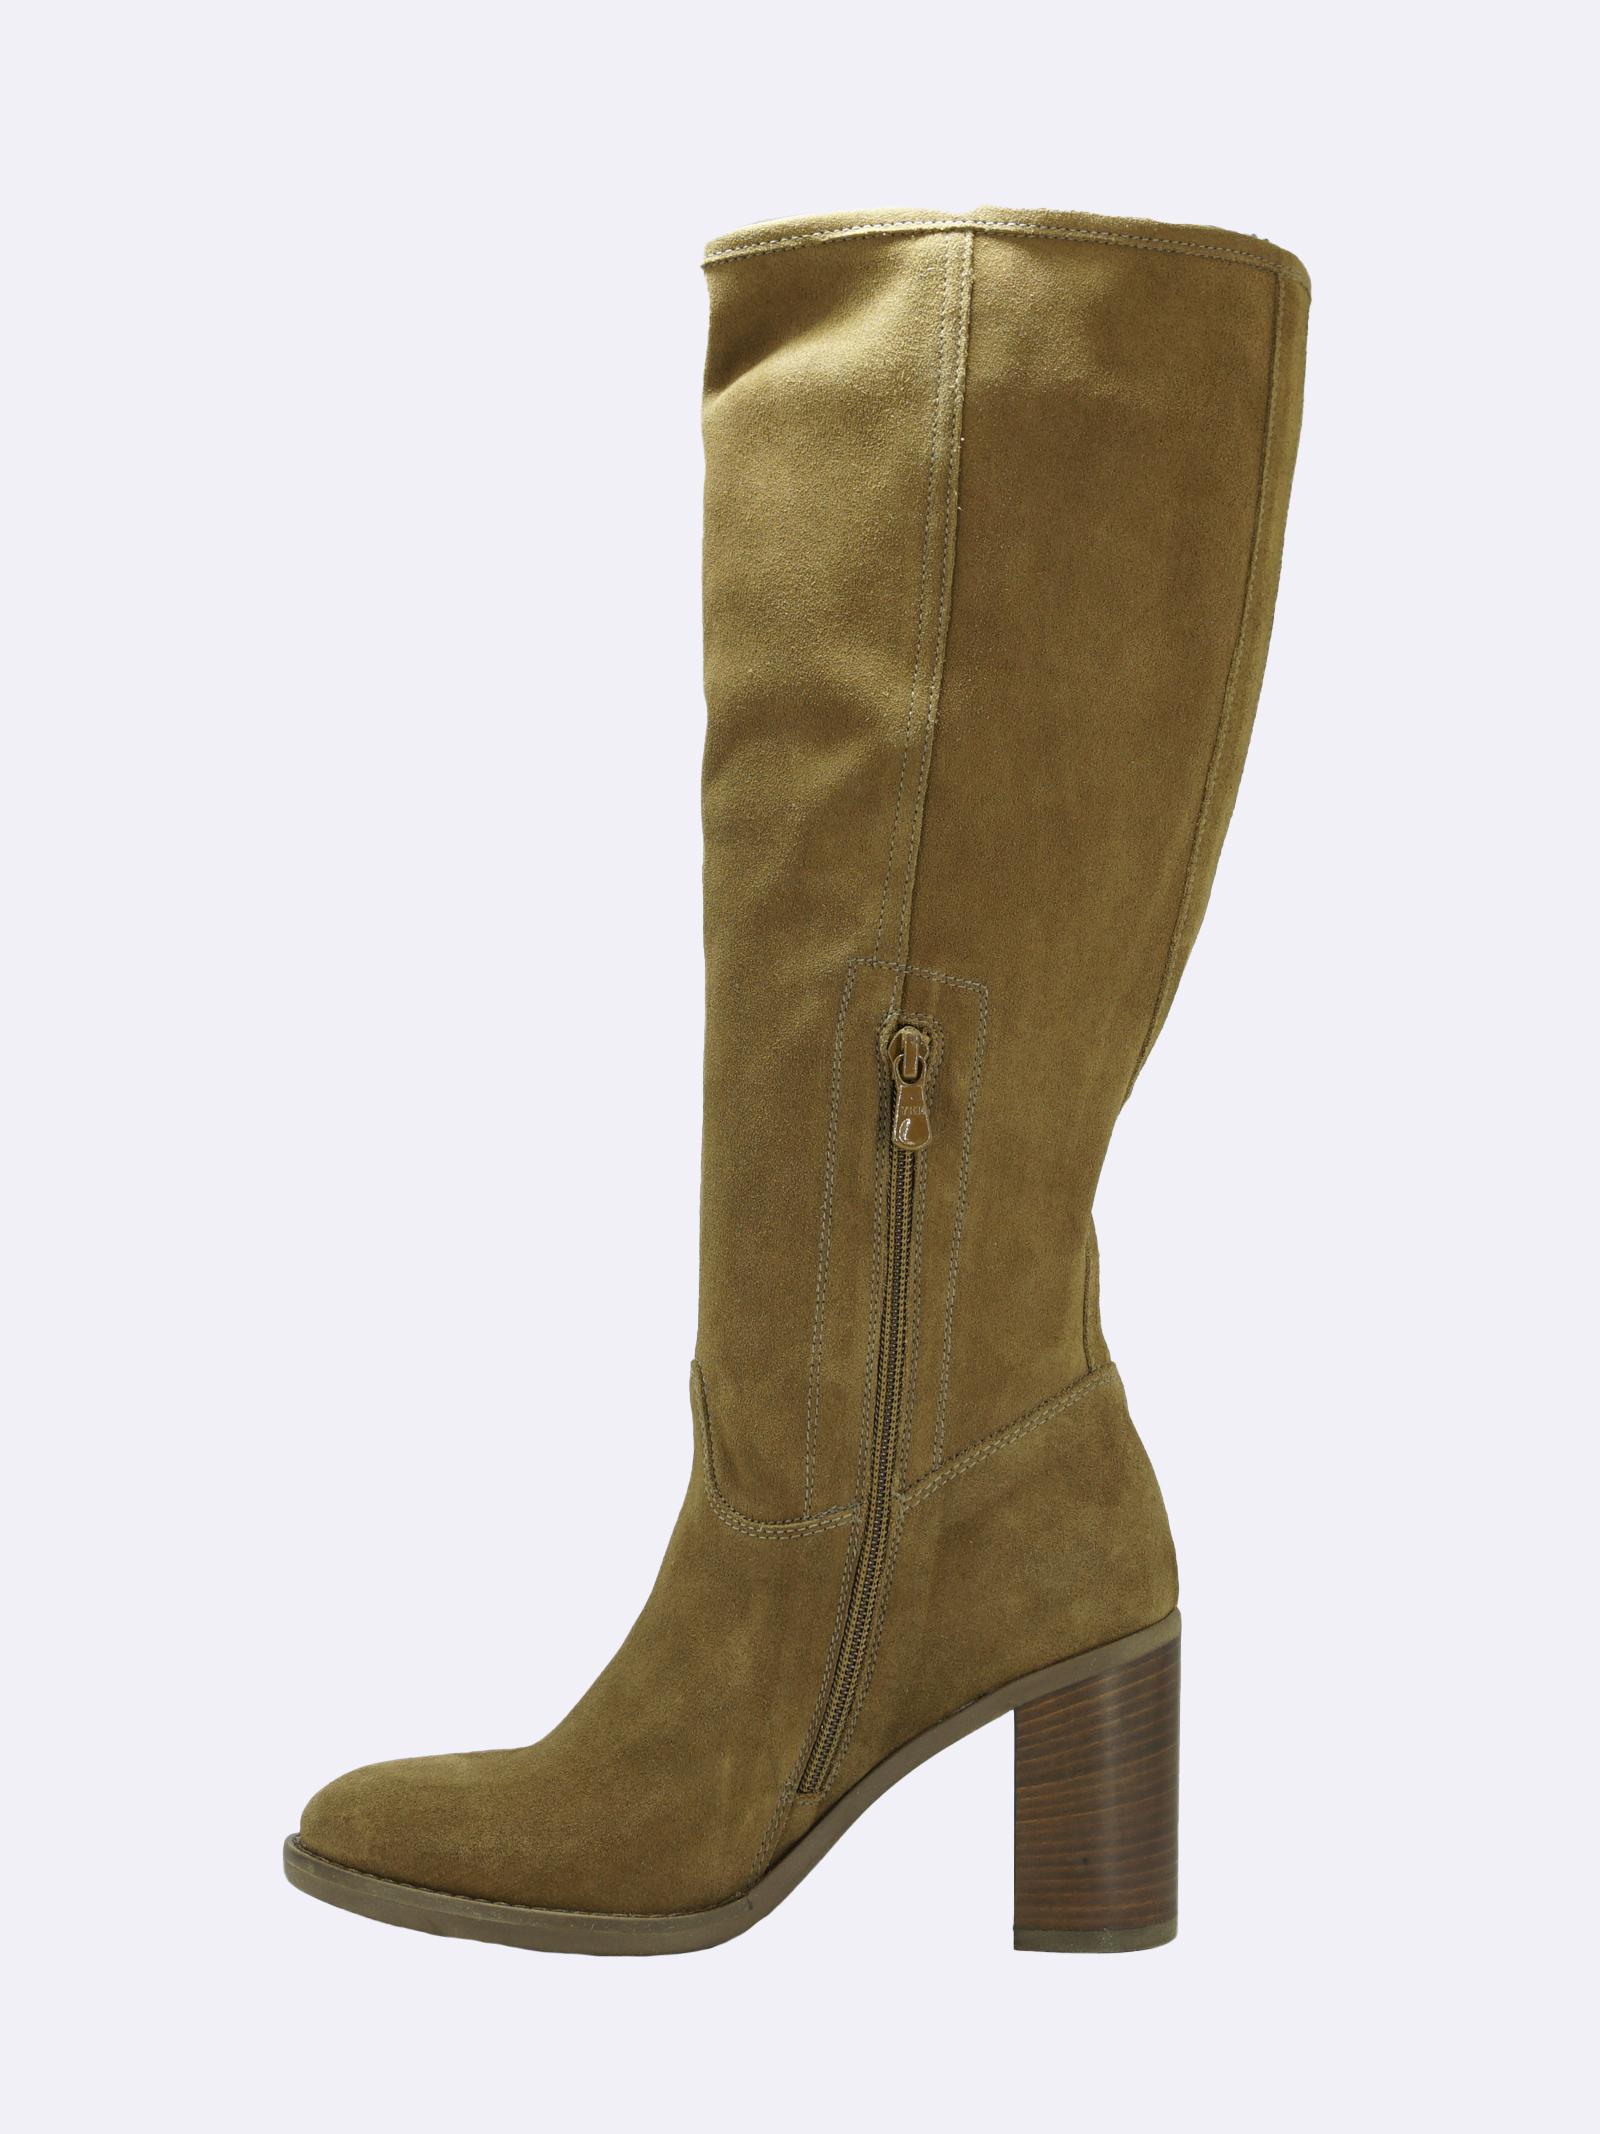 Stivali Donna in Camoscio Cuoio Nero Giardini   Stivali   I014042DMALTO339